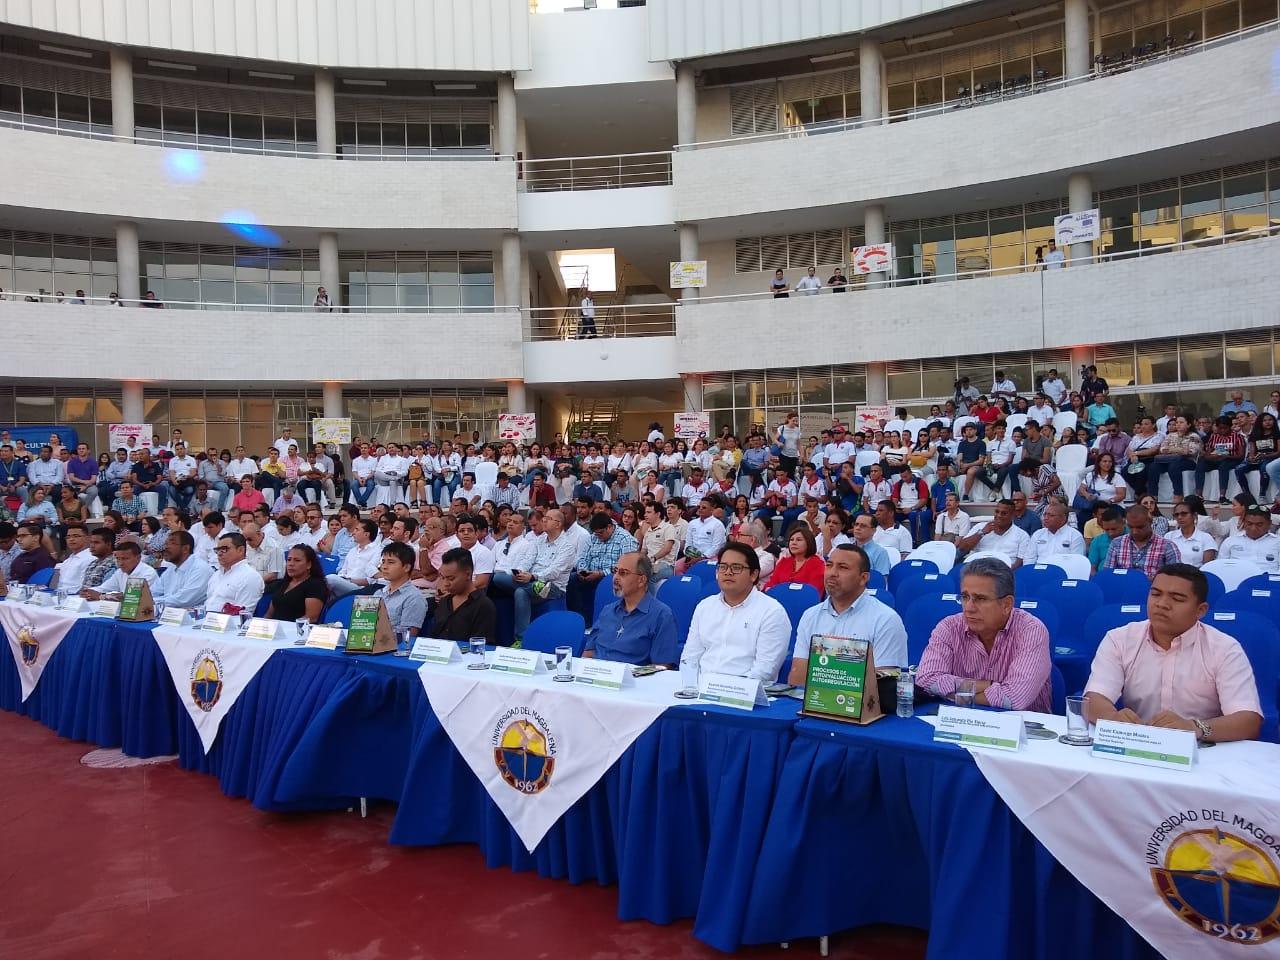 El evento contó con la presencia de estudiantes, directivos, profesores y otras personalidades de Santa Marta y el departamento.